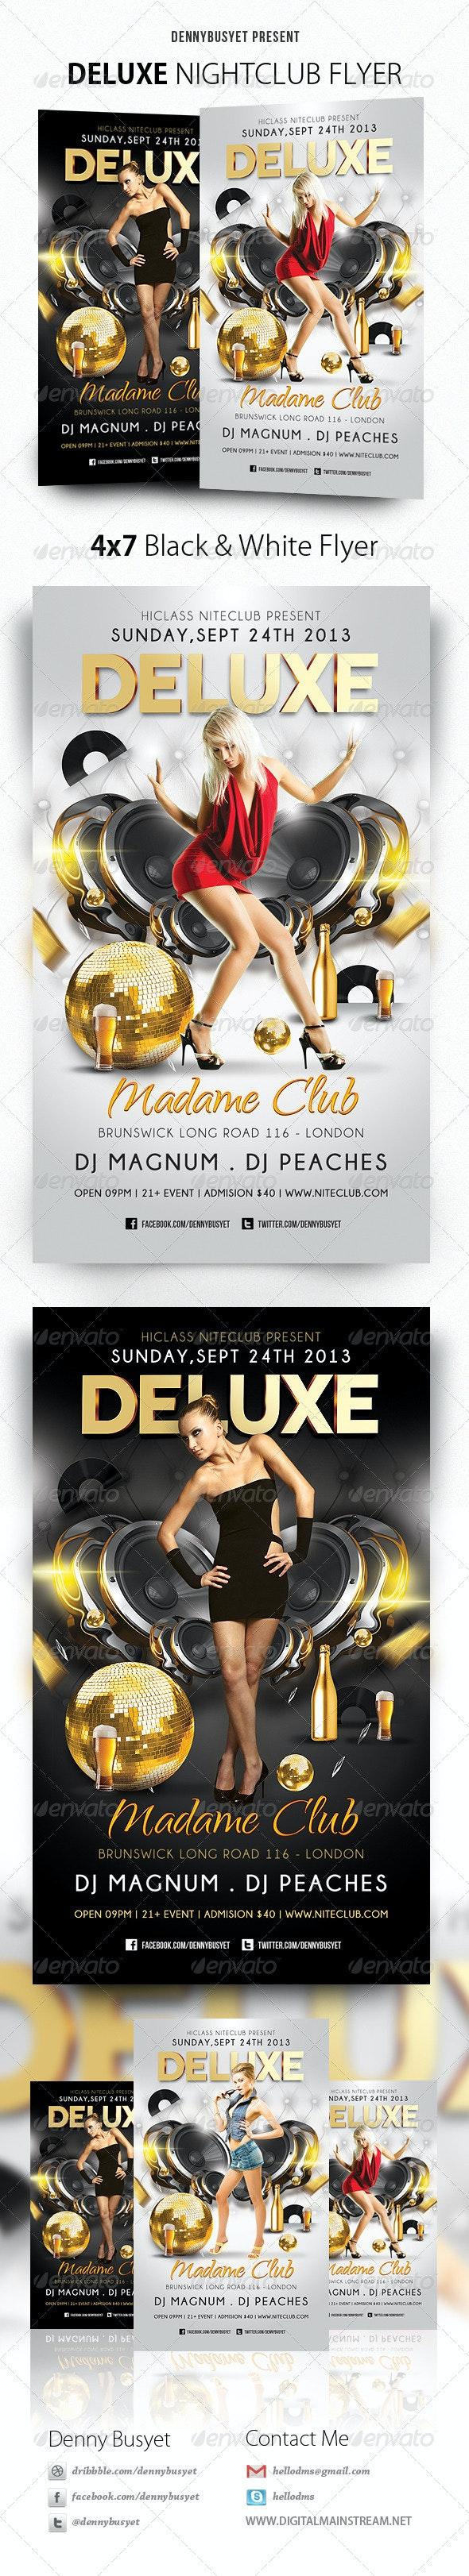 Deluxe Nightclub Flyer - Events Flyers